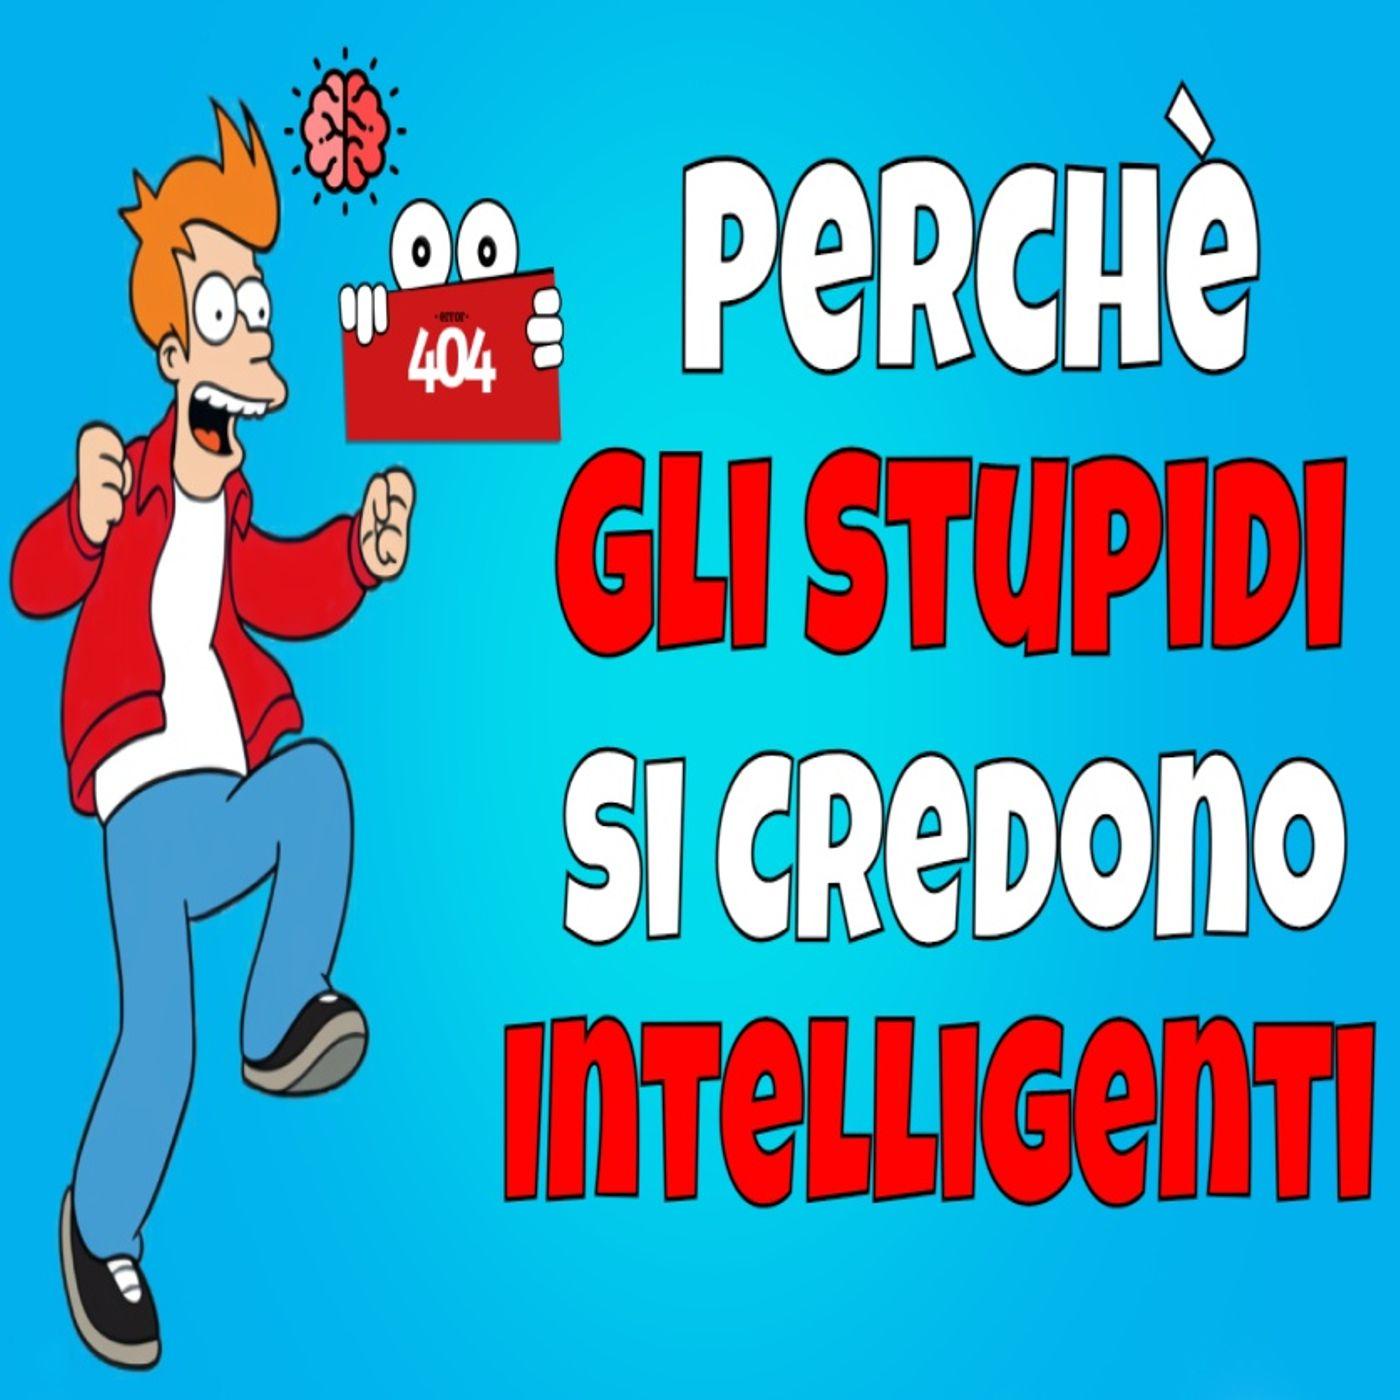 Perchè Gli Stupidi Si Credono Intelligenti